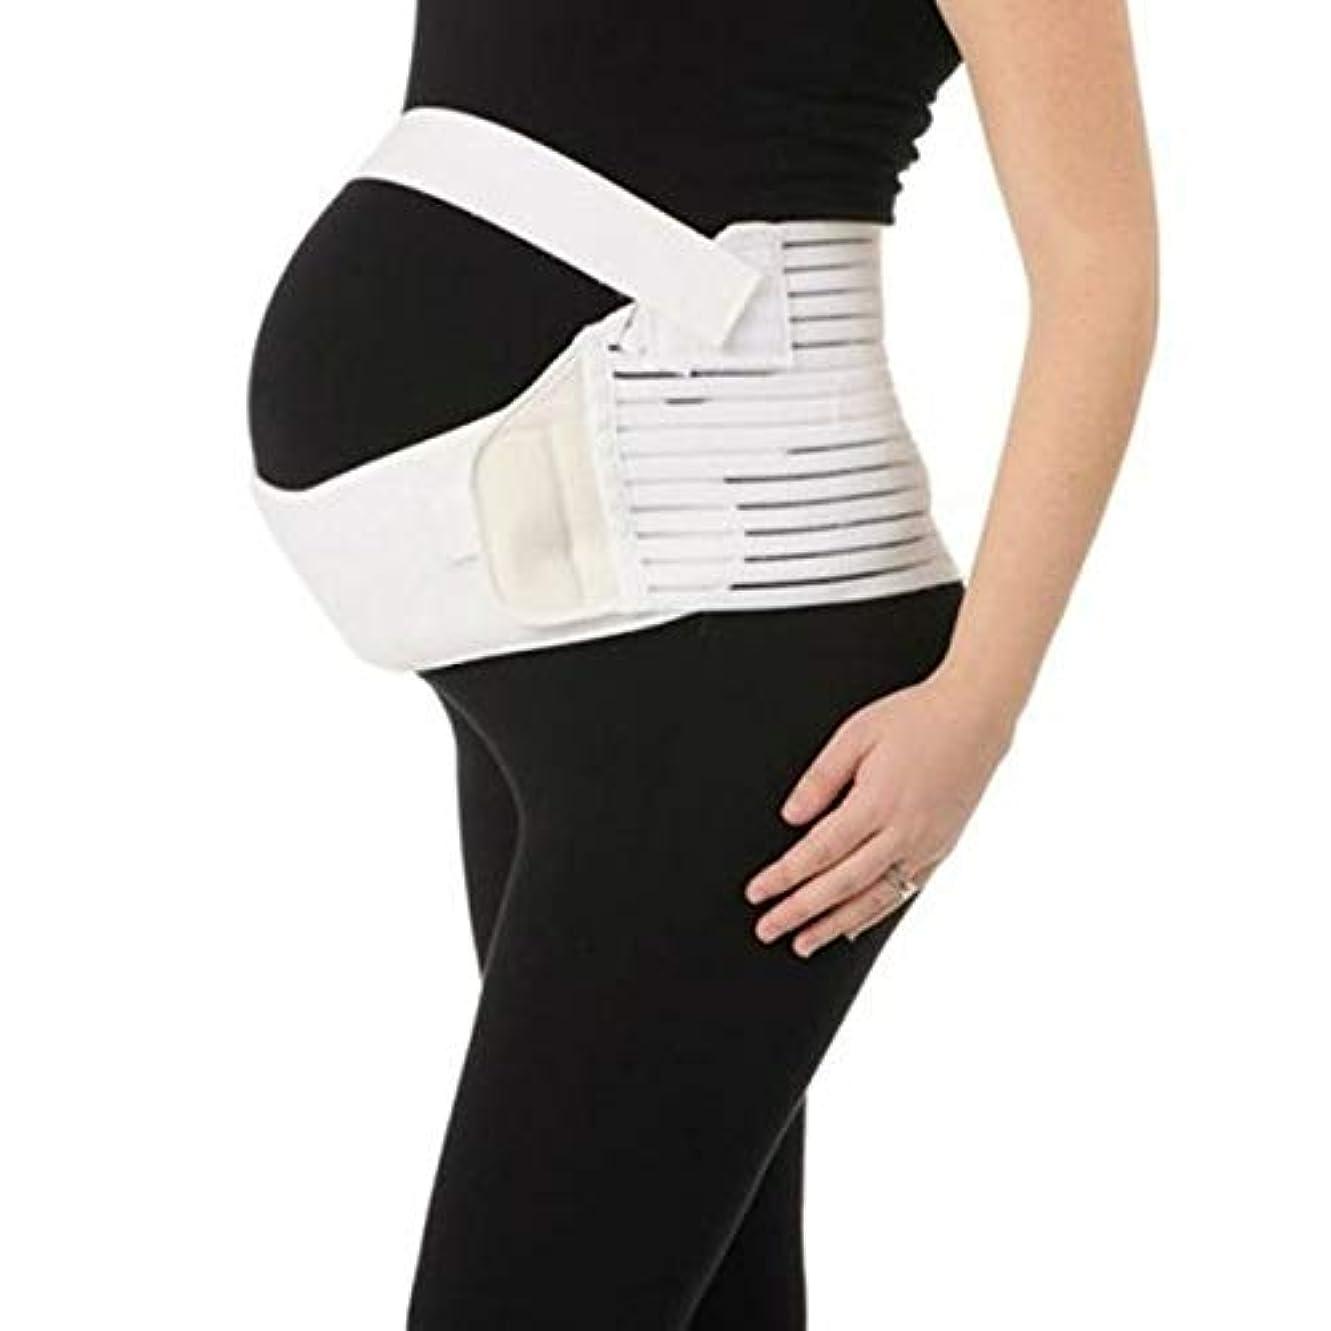 麻酔薬回答心のこもった通気性マタニティベルト妊娠腹部サポート腹部バインダーガードル運動包帯産後の回復shapewear - ホワイトL